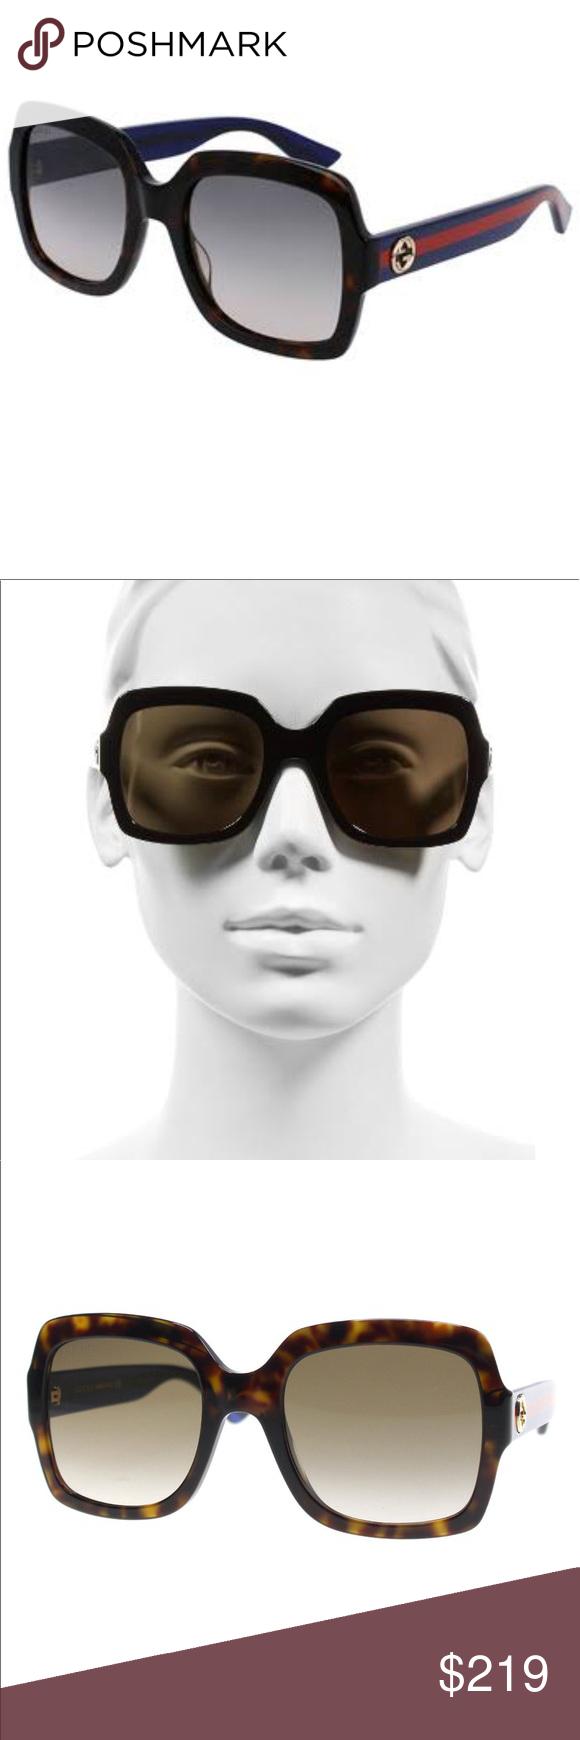 282017e5a57de GUCCI 0036S Sunglasses 🕶 NEW! POPULAR SELLER 🔥🔥 Gucci Sunglasses ...